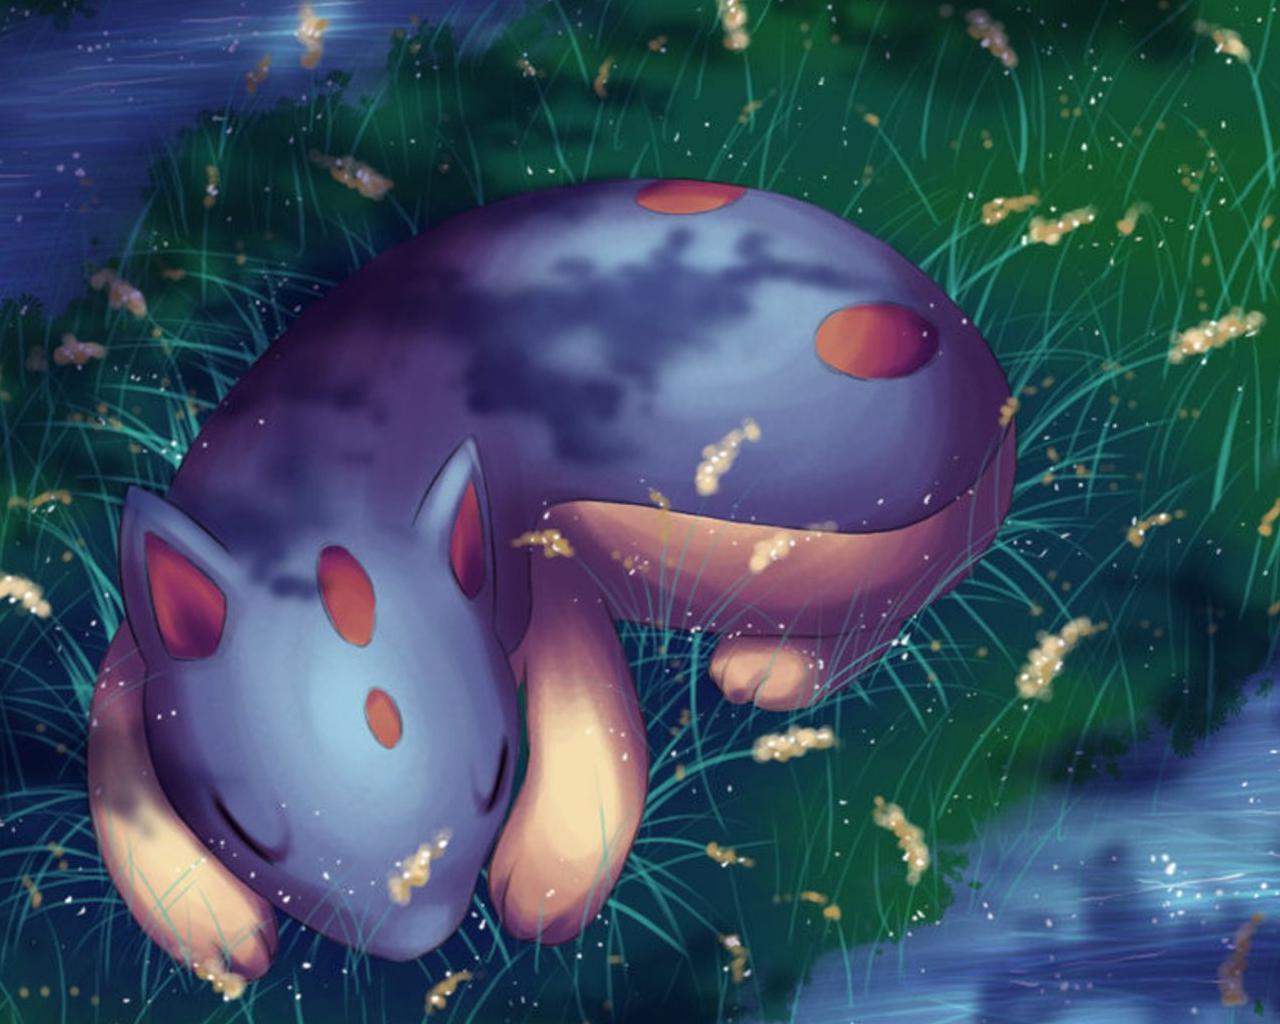 Sweet Dreams Fuoco Type Pokemon Wallpaper 31074690 Fanpop